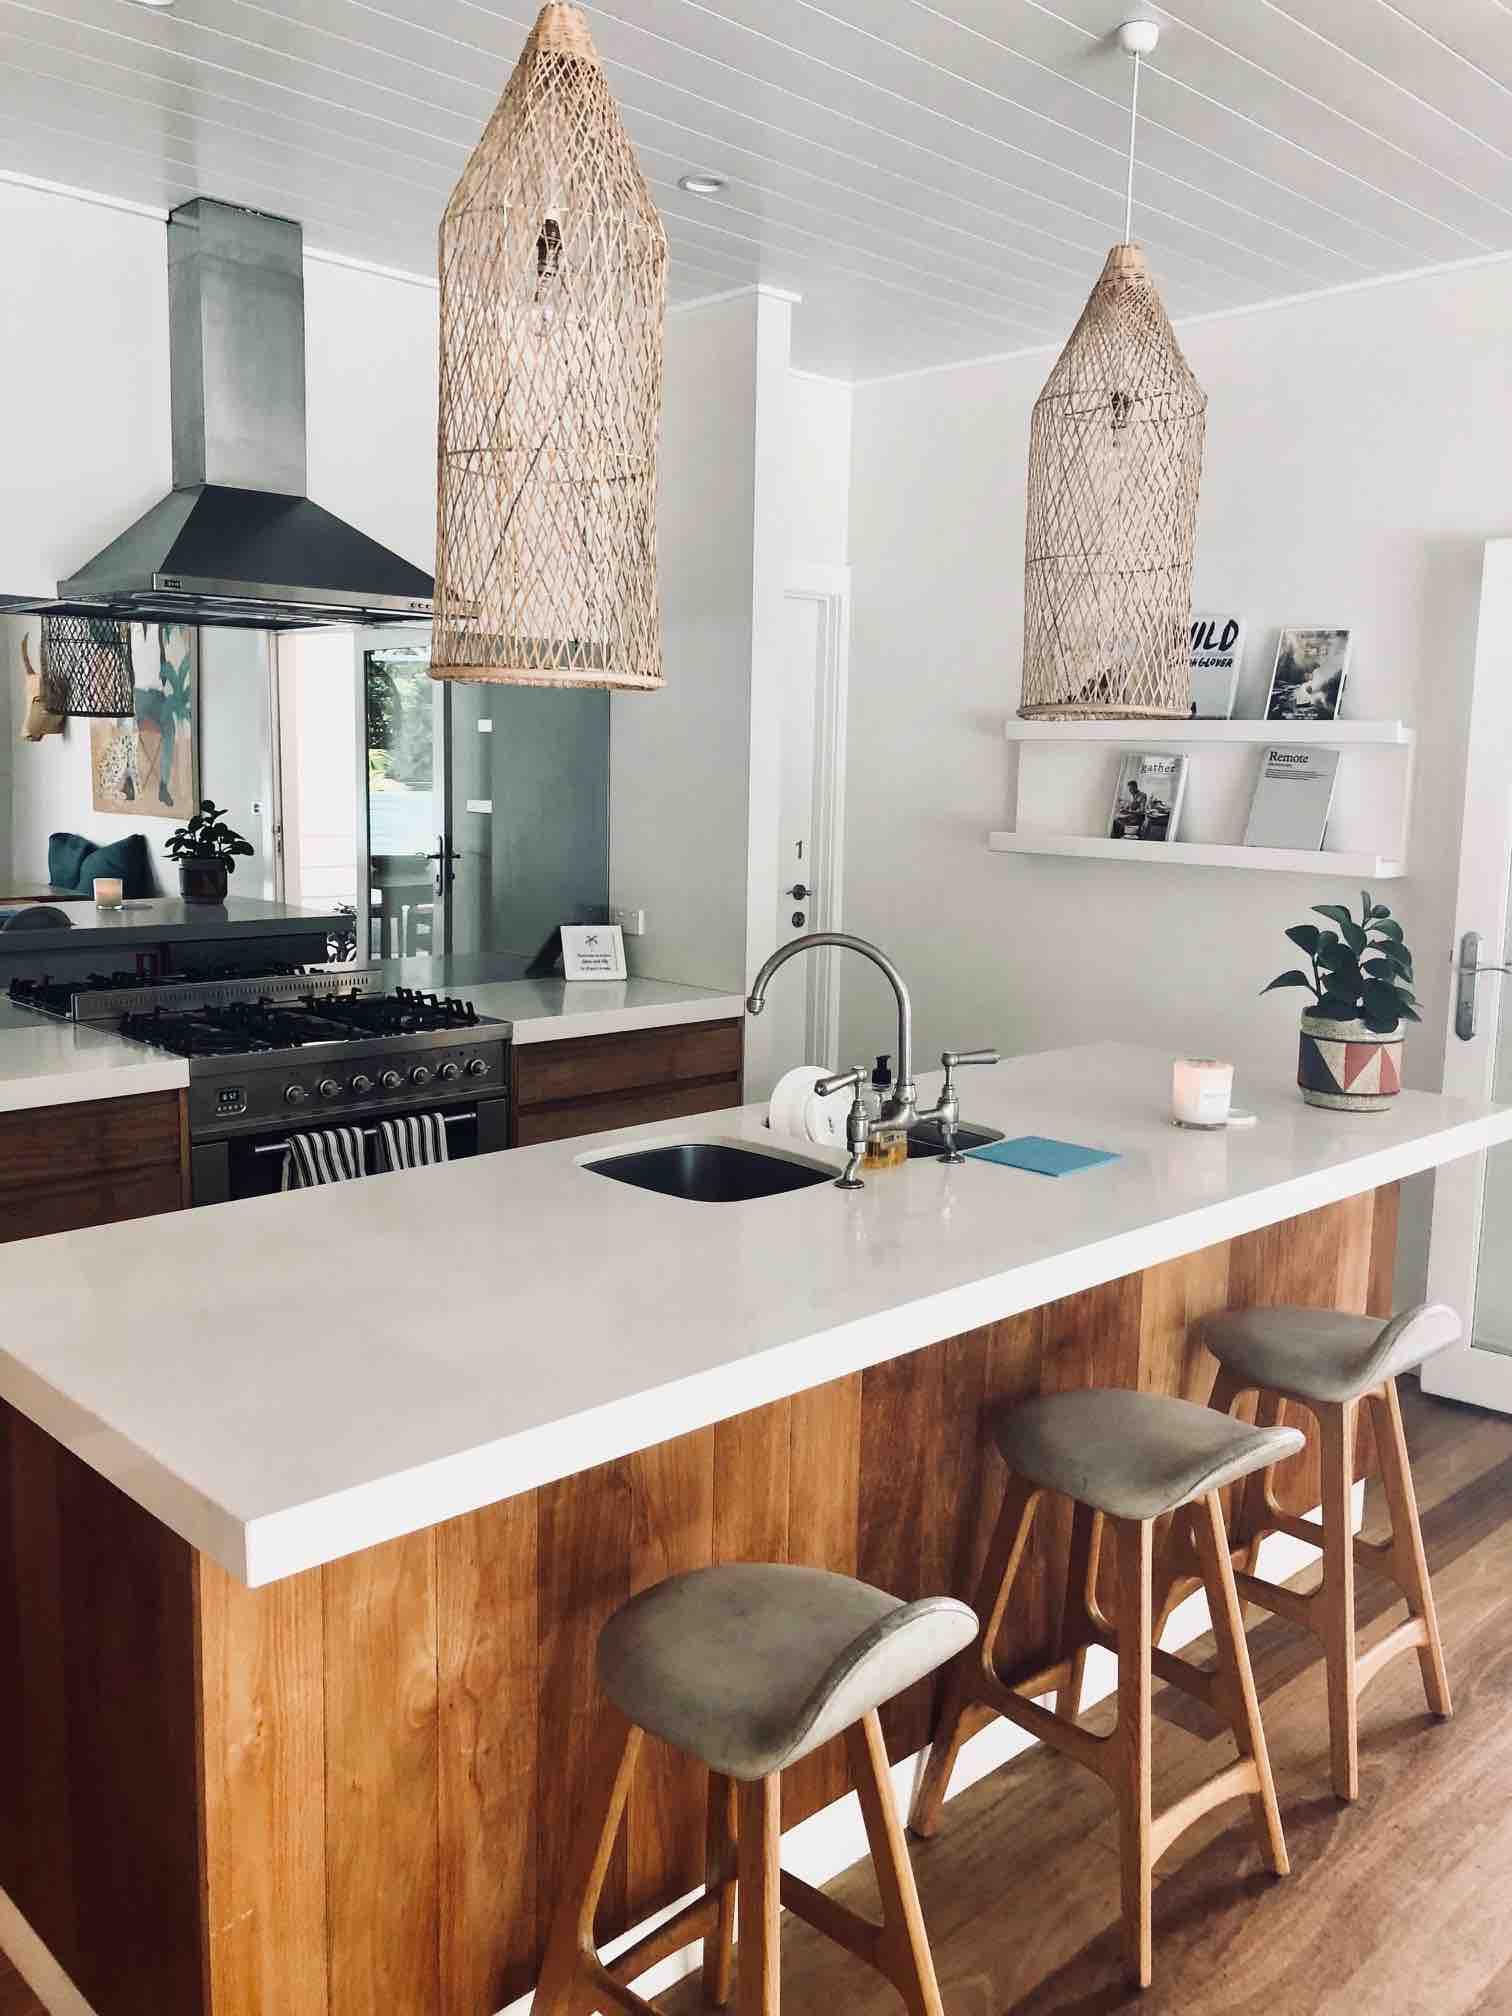 Kitchen at the Atlantic Byron Bay